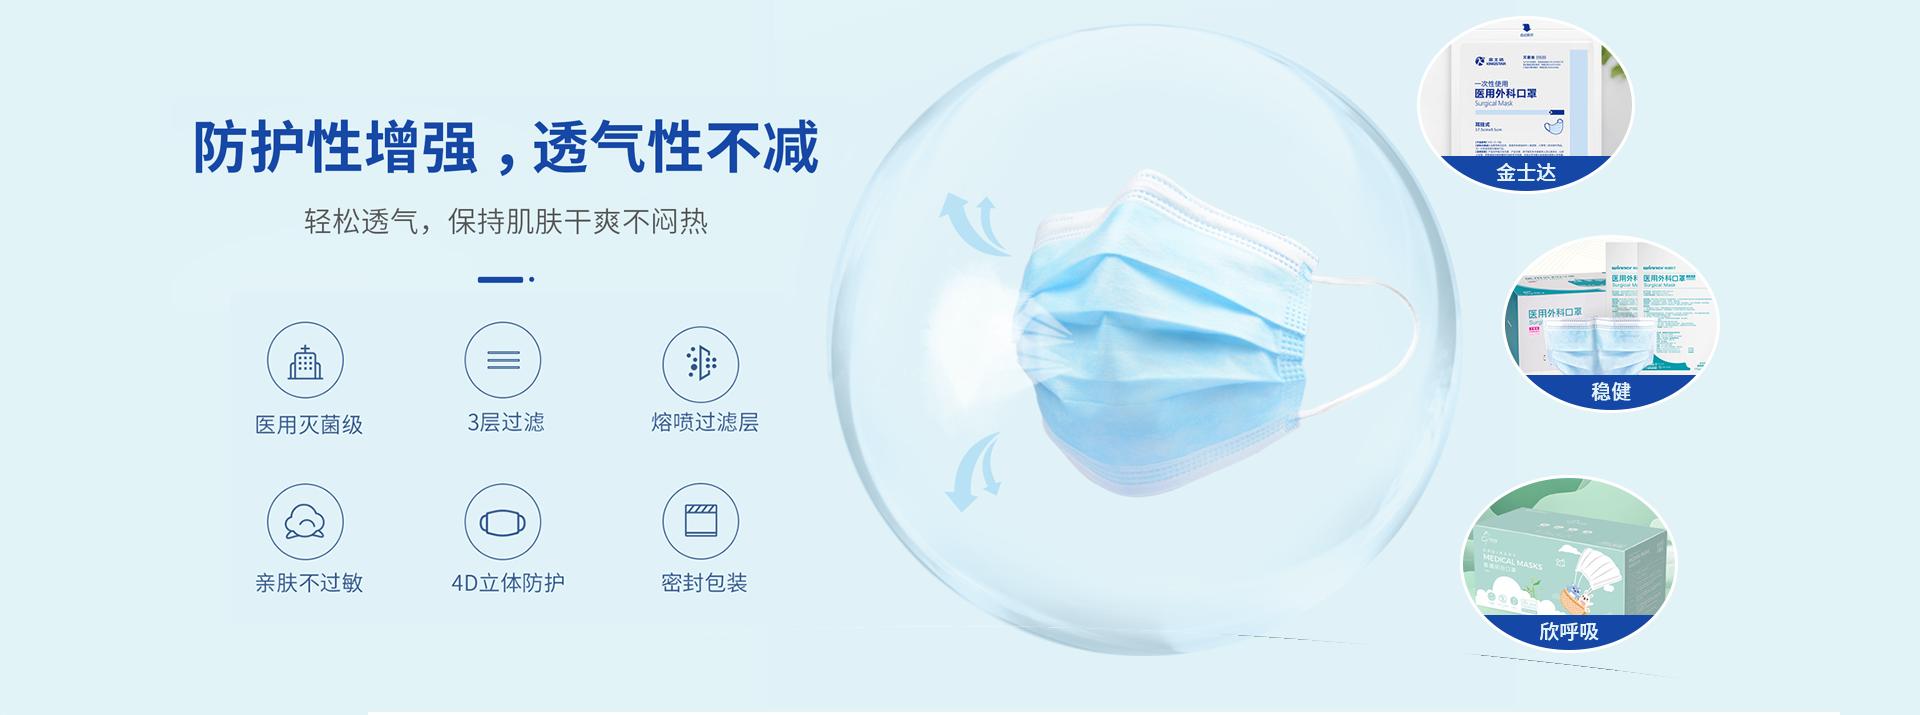 防疫消毒耗材,普通医用耗材,医废包装容器